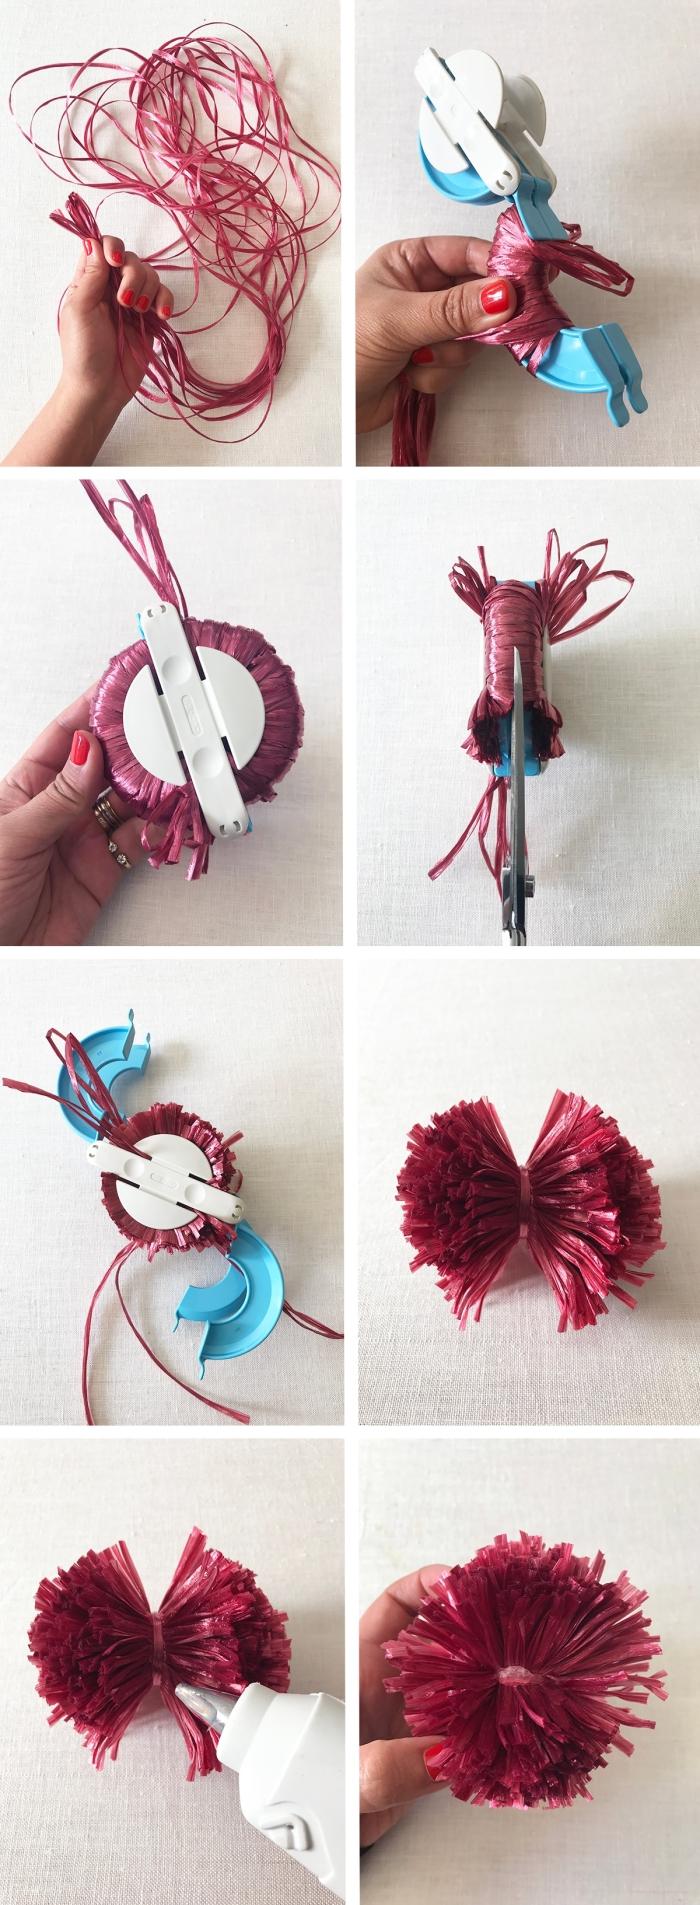 exemple comment faire un pompon, tutoriel fabrication pompons avec appareil, que faire avec des pompons